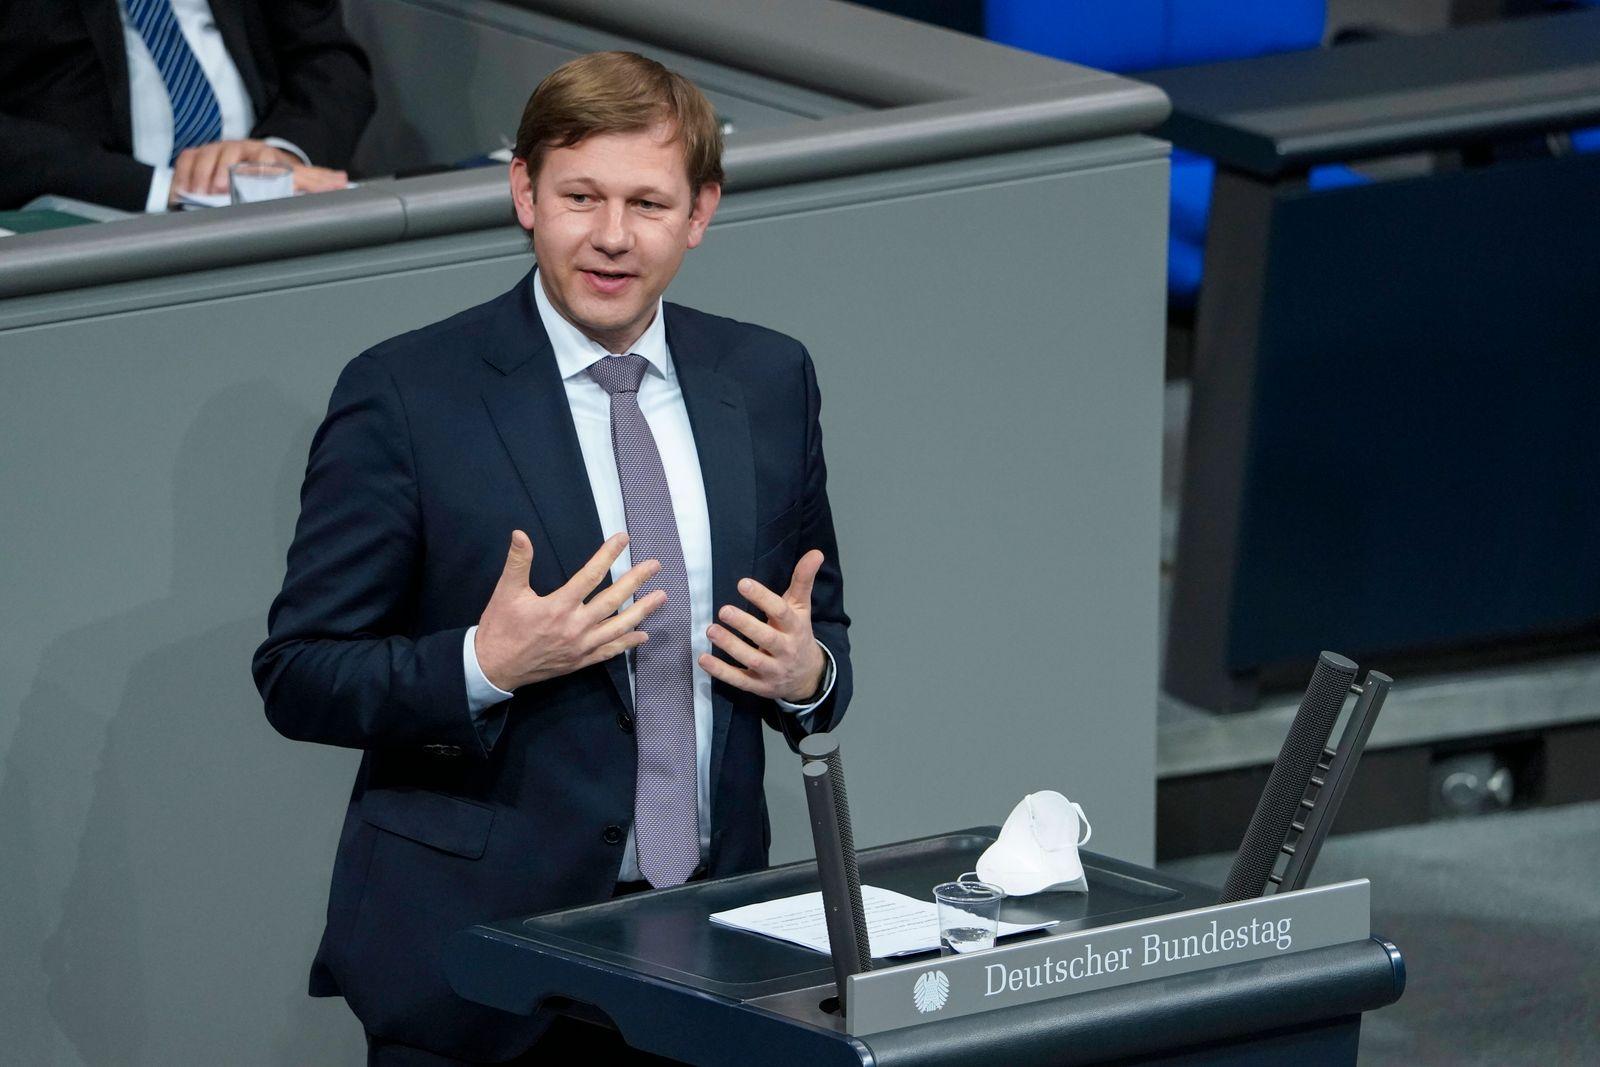 215. Bundestagssitzung und Debatte in Berlin Aktuell, 04.03.2021, Berlin, Thomas Erndl im Portrait bei seiner Rede zum T